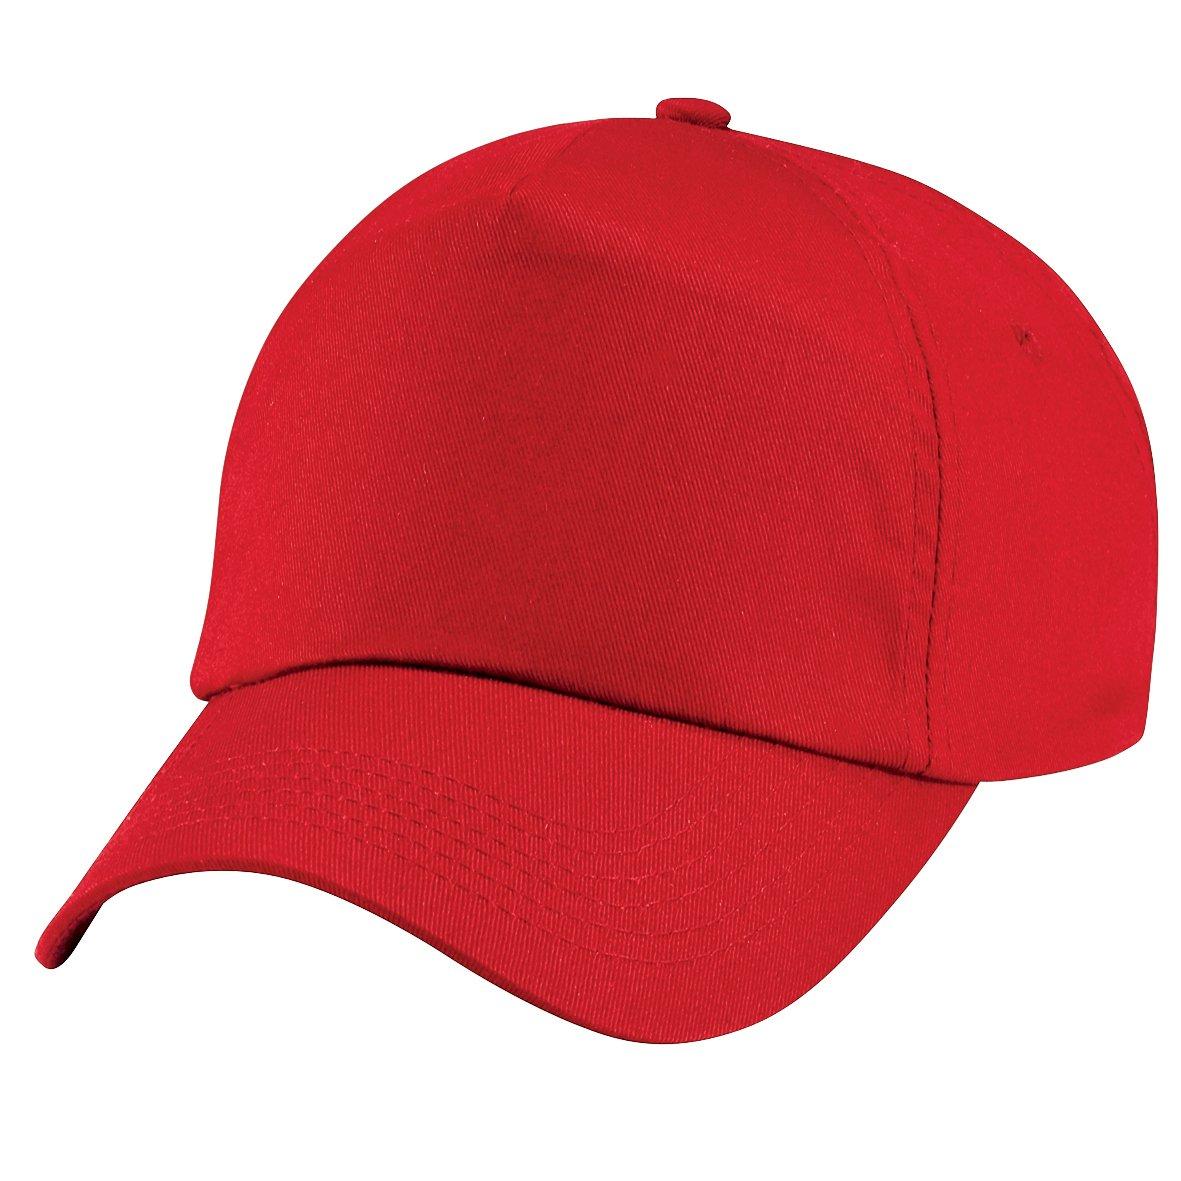 Rosso Bambino Beechfield Cappellino Tinta Unita 100/% Cotone Taglia unica